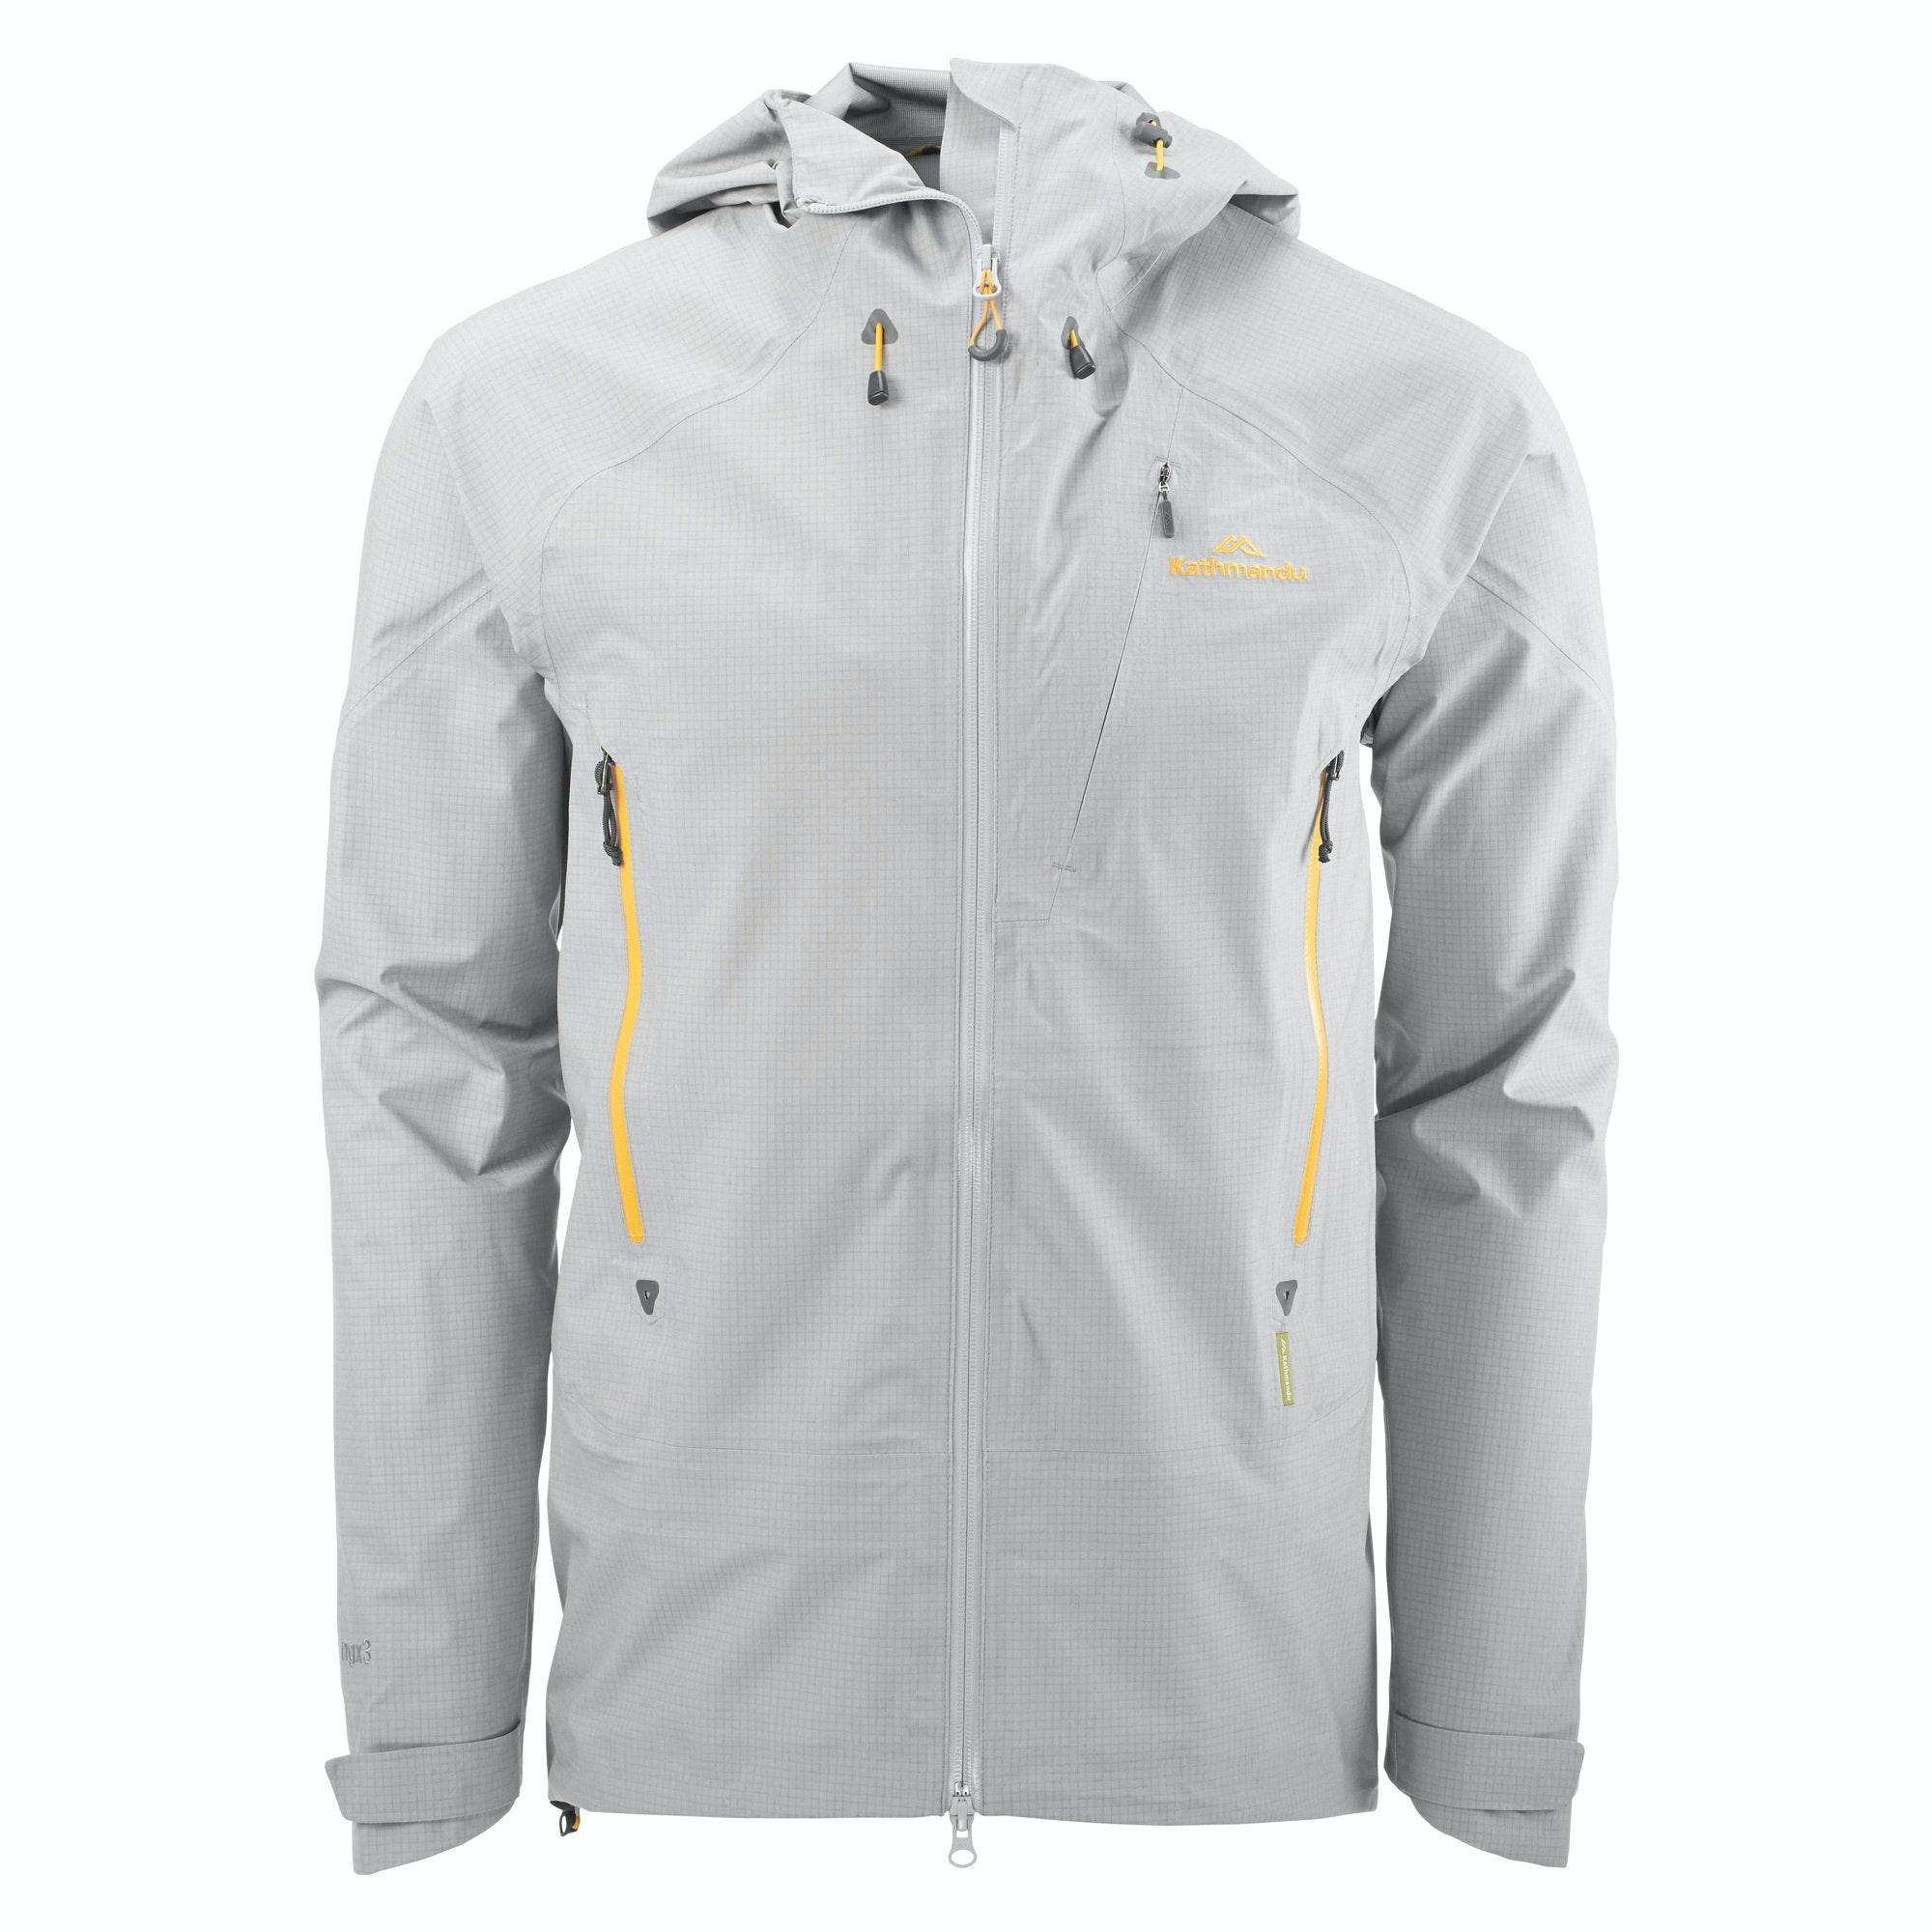 View more of the Flinders Men's NGX Rain Jacket